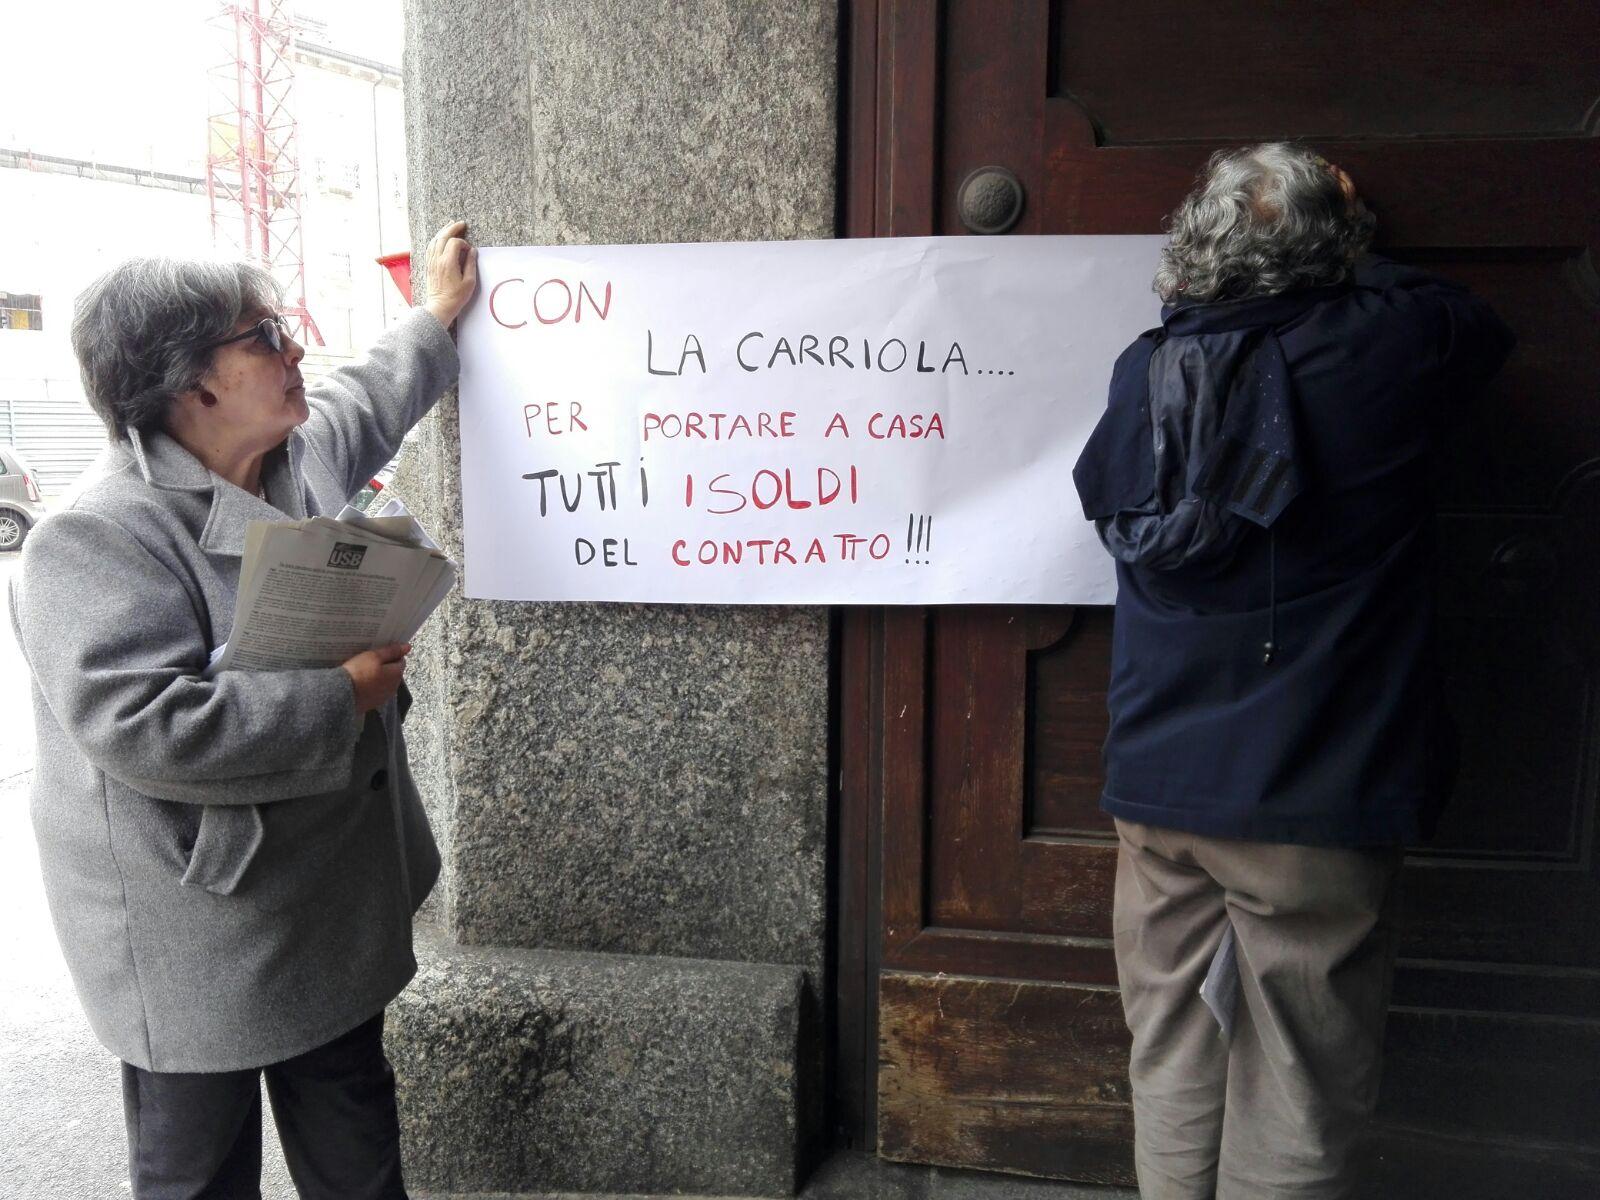 Lavoratori pubblici e contratti, la protesta dell'Unione sindacale